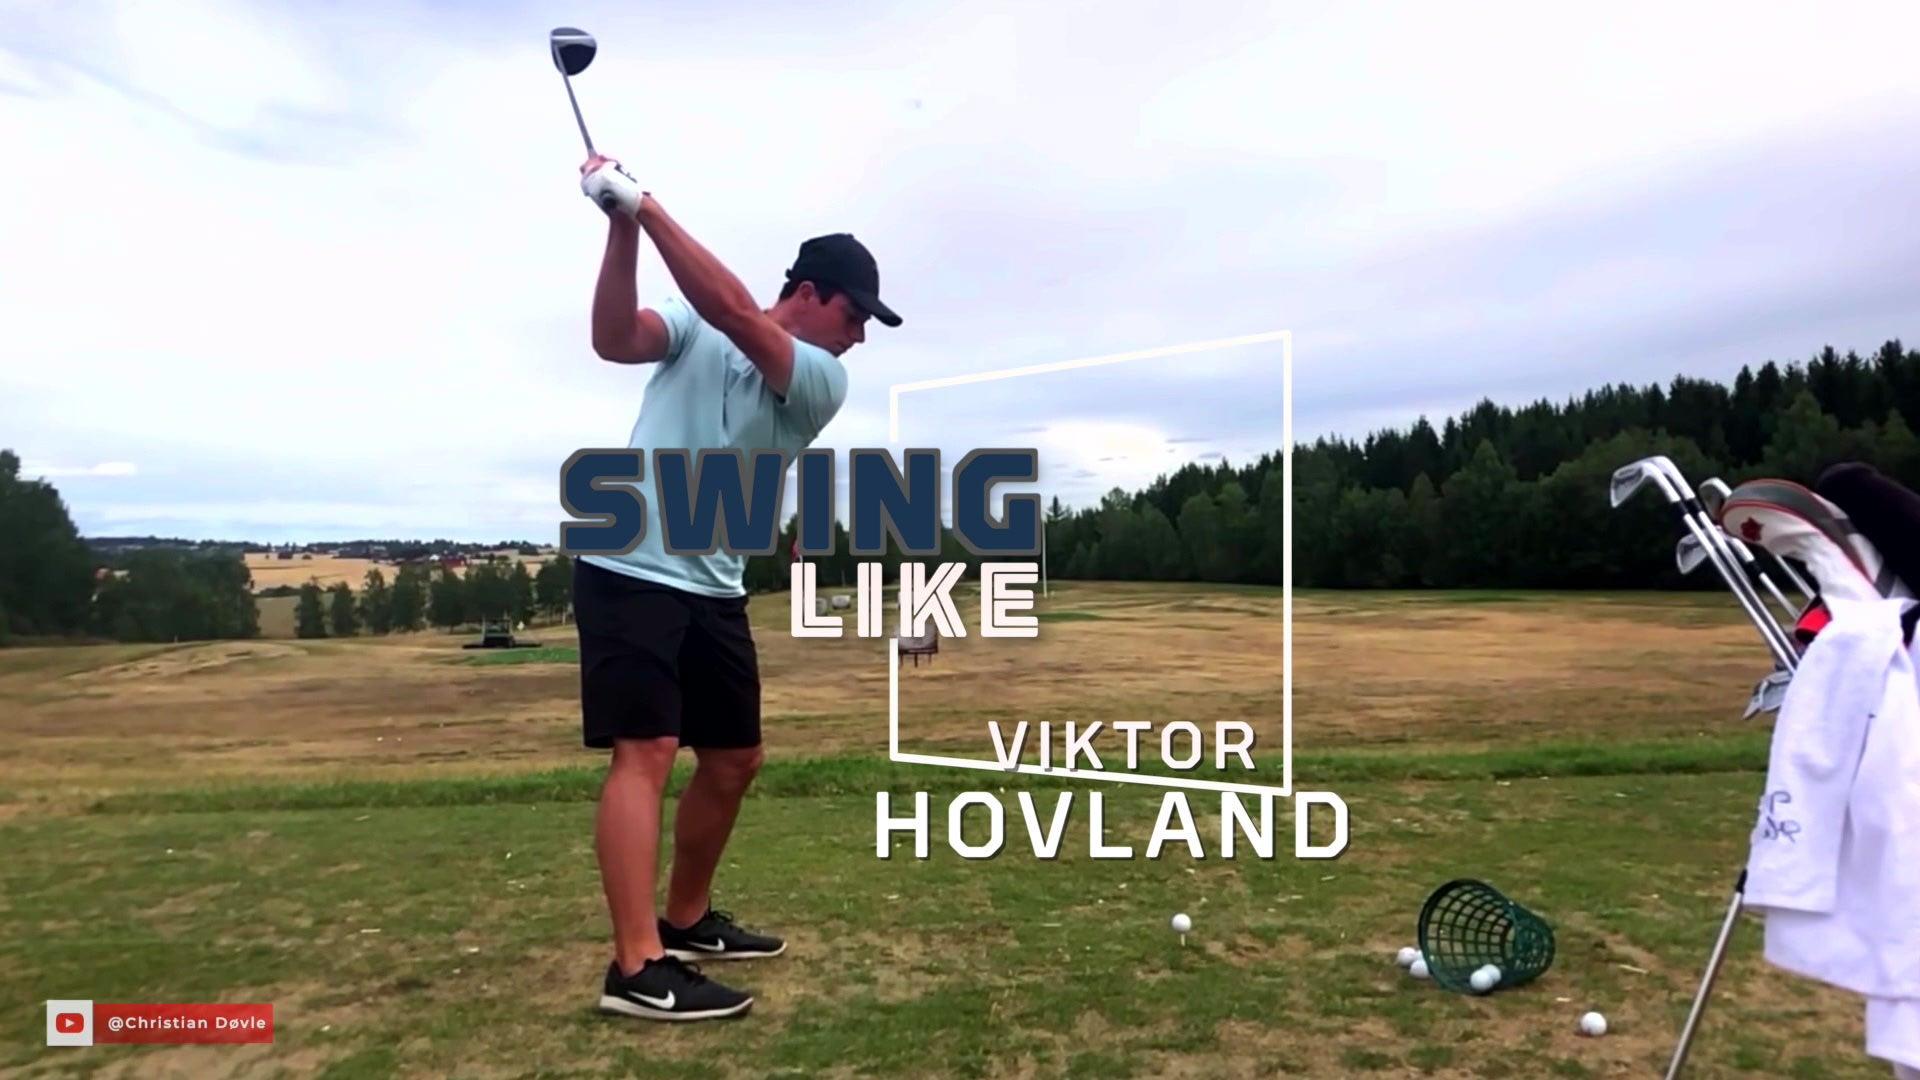 Swing Like: Viktor Hovland